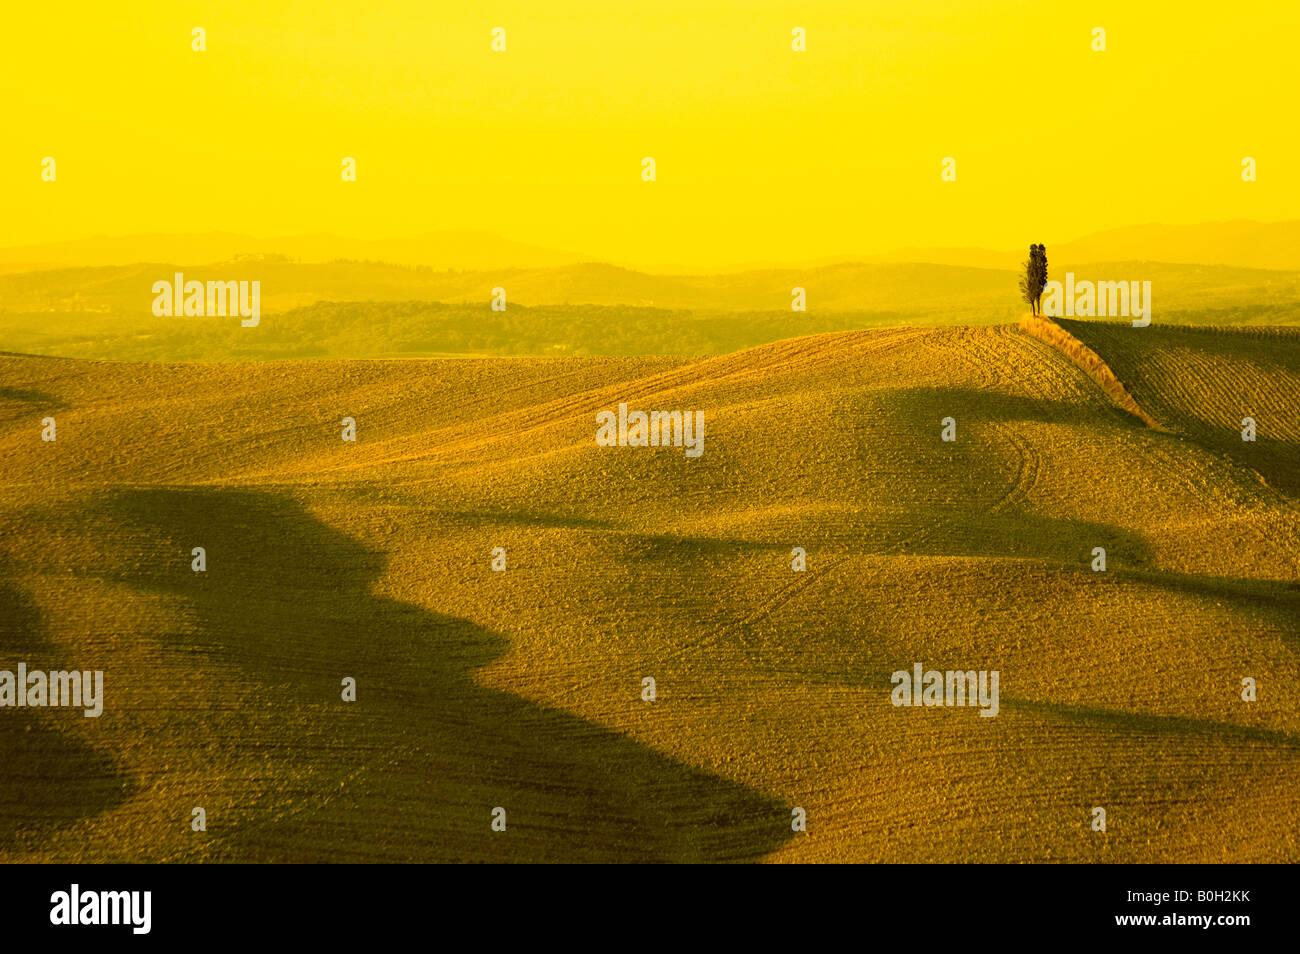 einsame Zypresse im typischen toskanischen Hügellandschaft Stockfoto